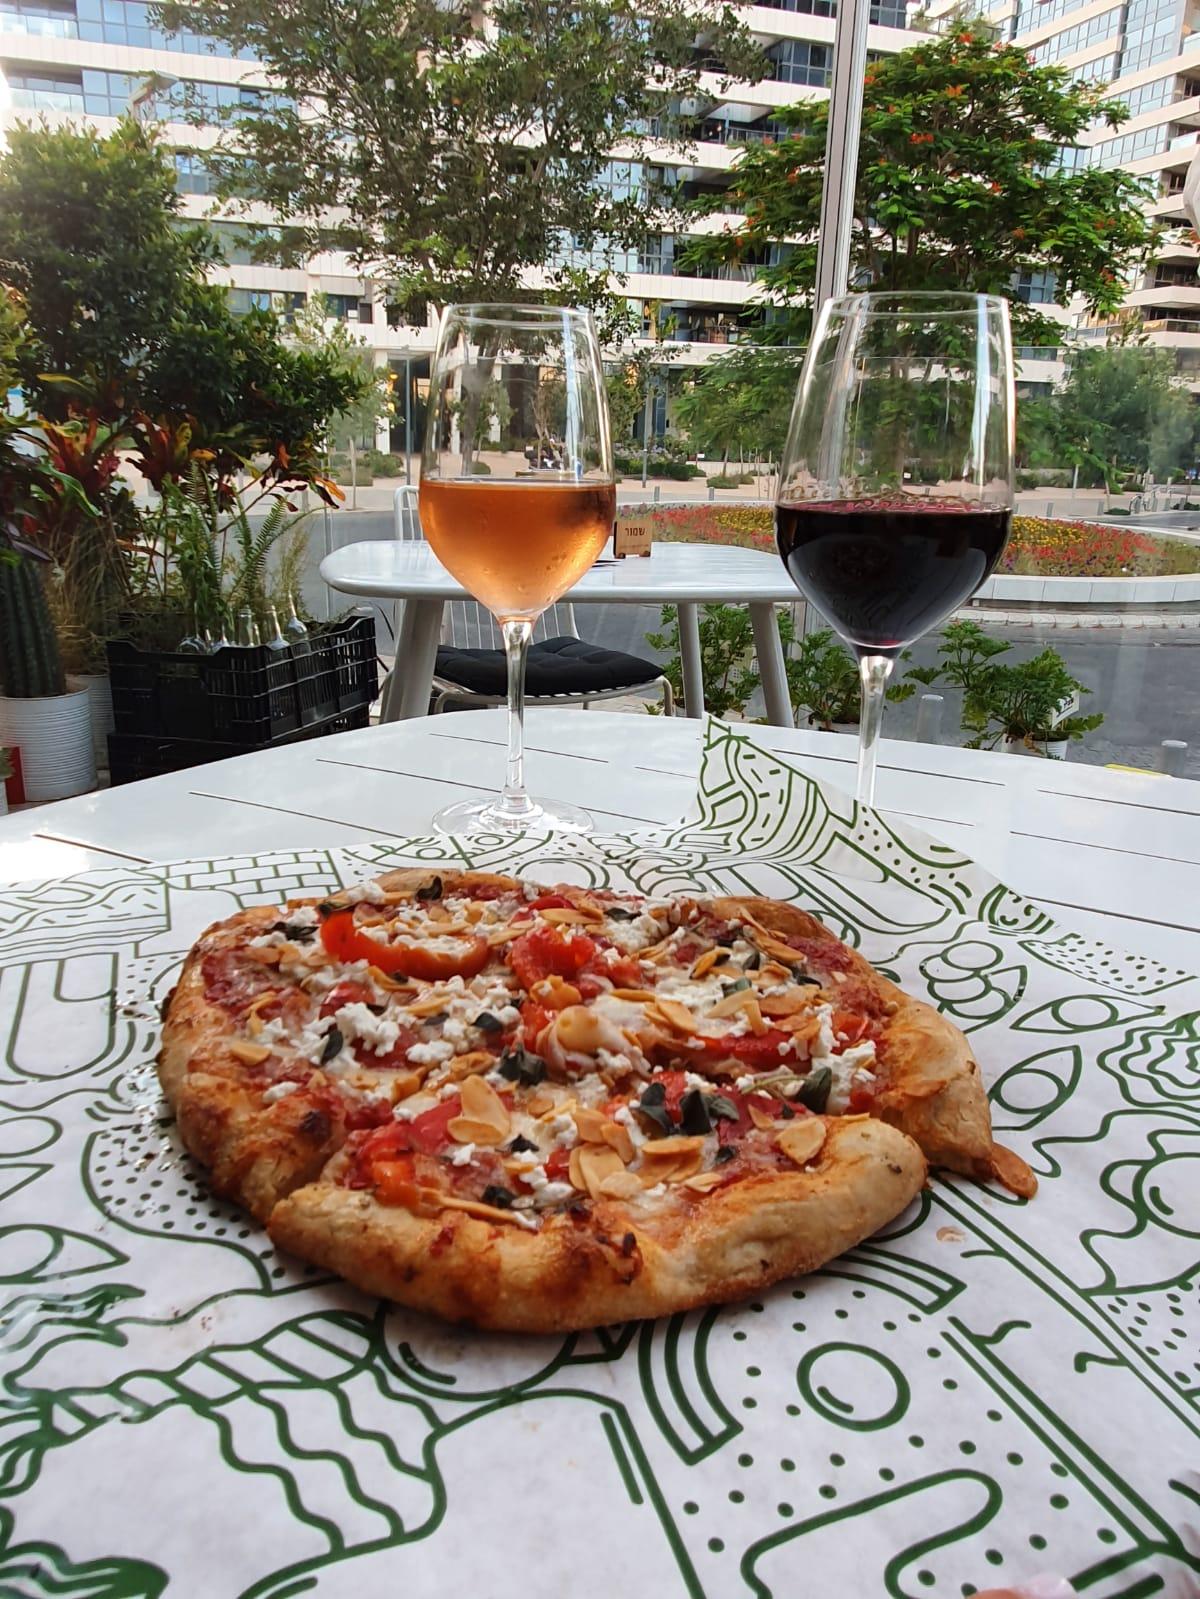 הפיצה של רביבה וסיליה, עכשיו עד הבית. צילום: מיכל אשל ניב